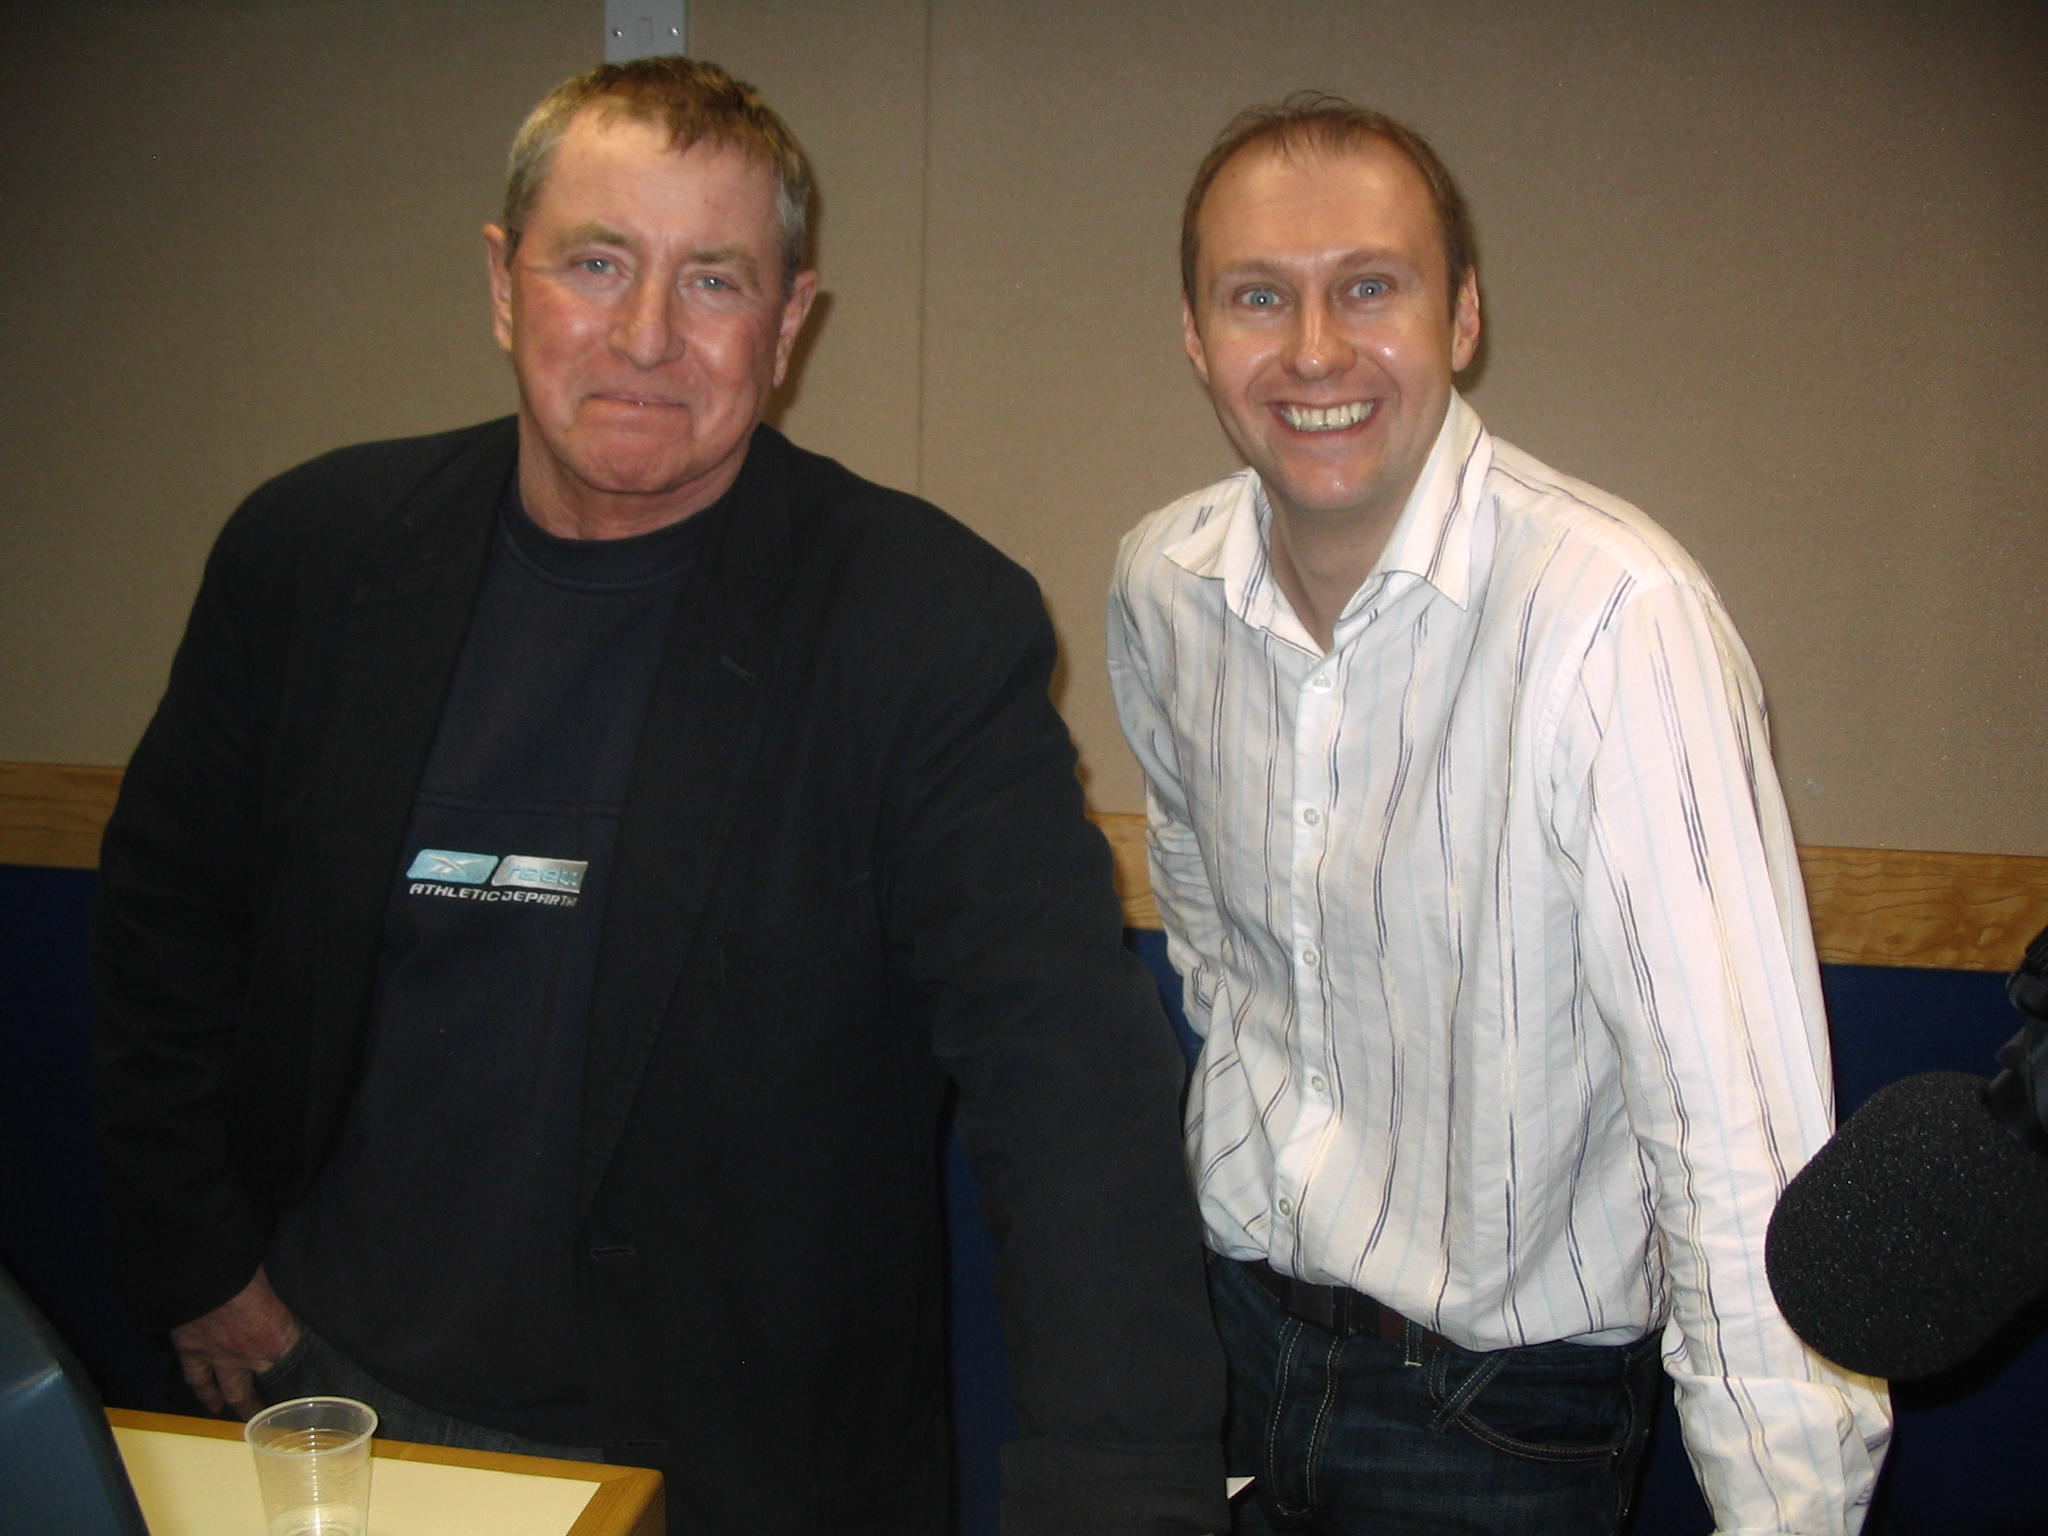 Neil Quigley meets John Nettles